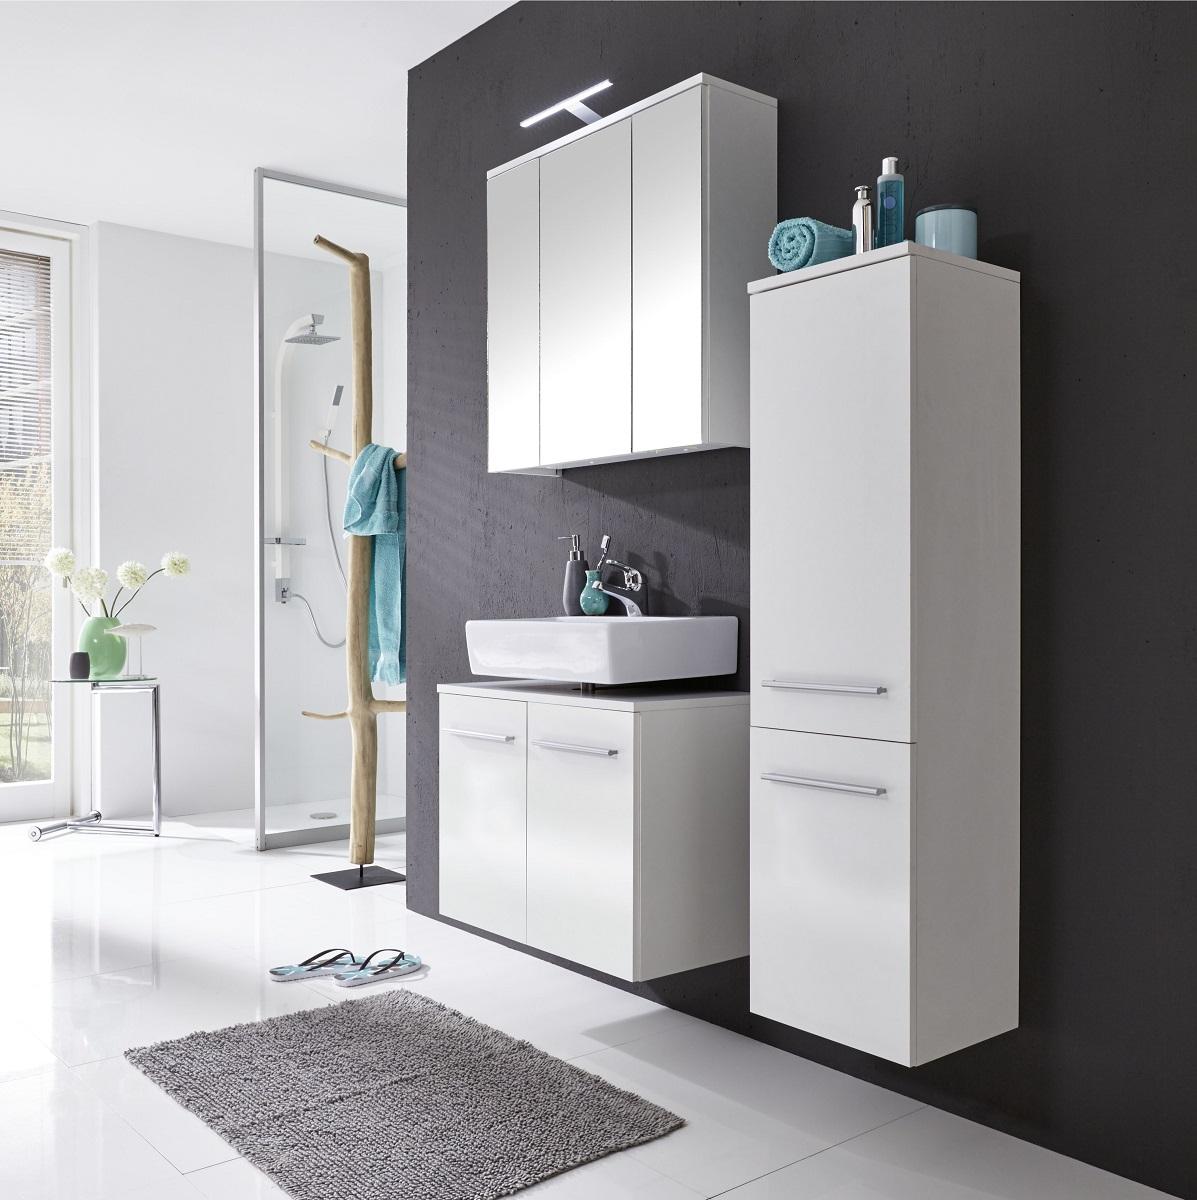 waschbeckenunterschrank bad schrank wei glanz xara badezimmerschrank h ngend ebay. Black Bedroom Furniture Sets. Home Design Ideas